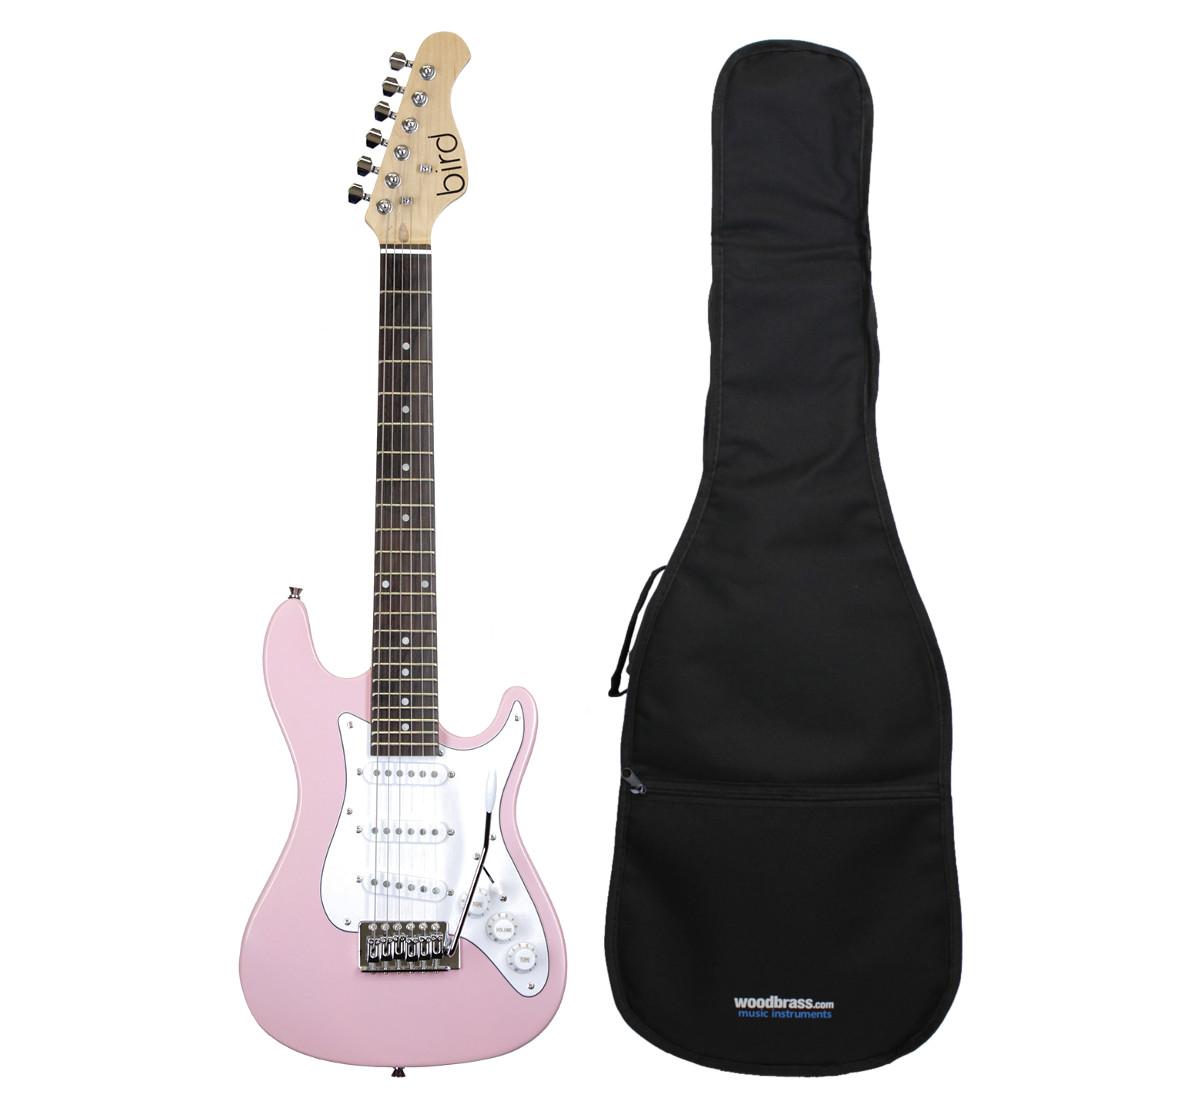 Bird Instruments Pack Stc20 Mini Pink + Egb10s